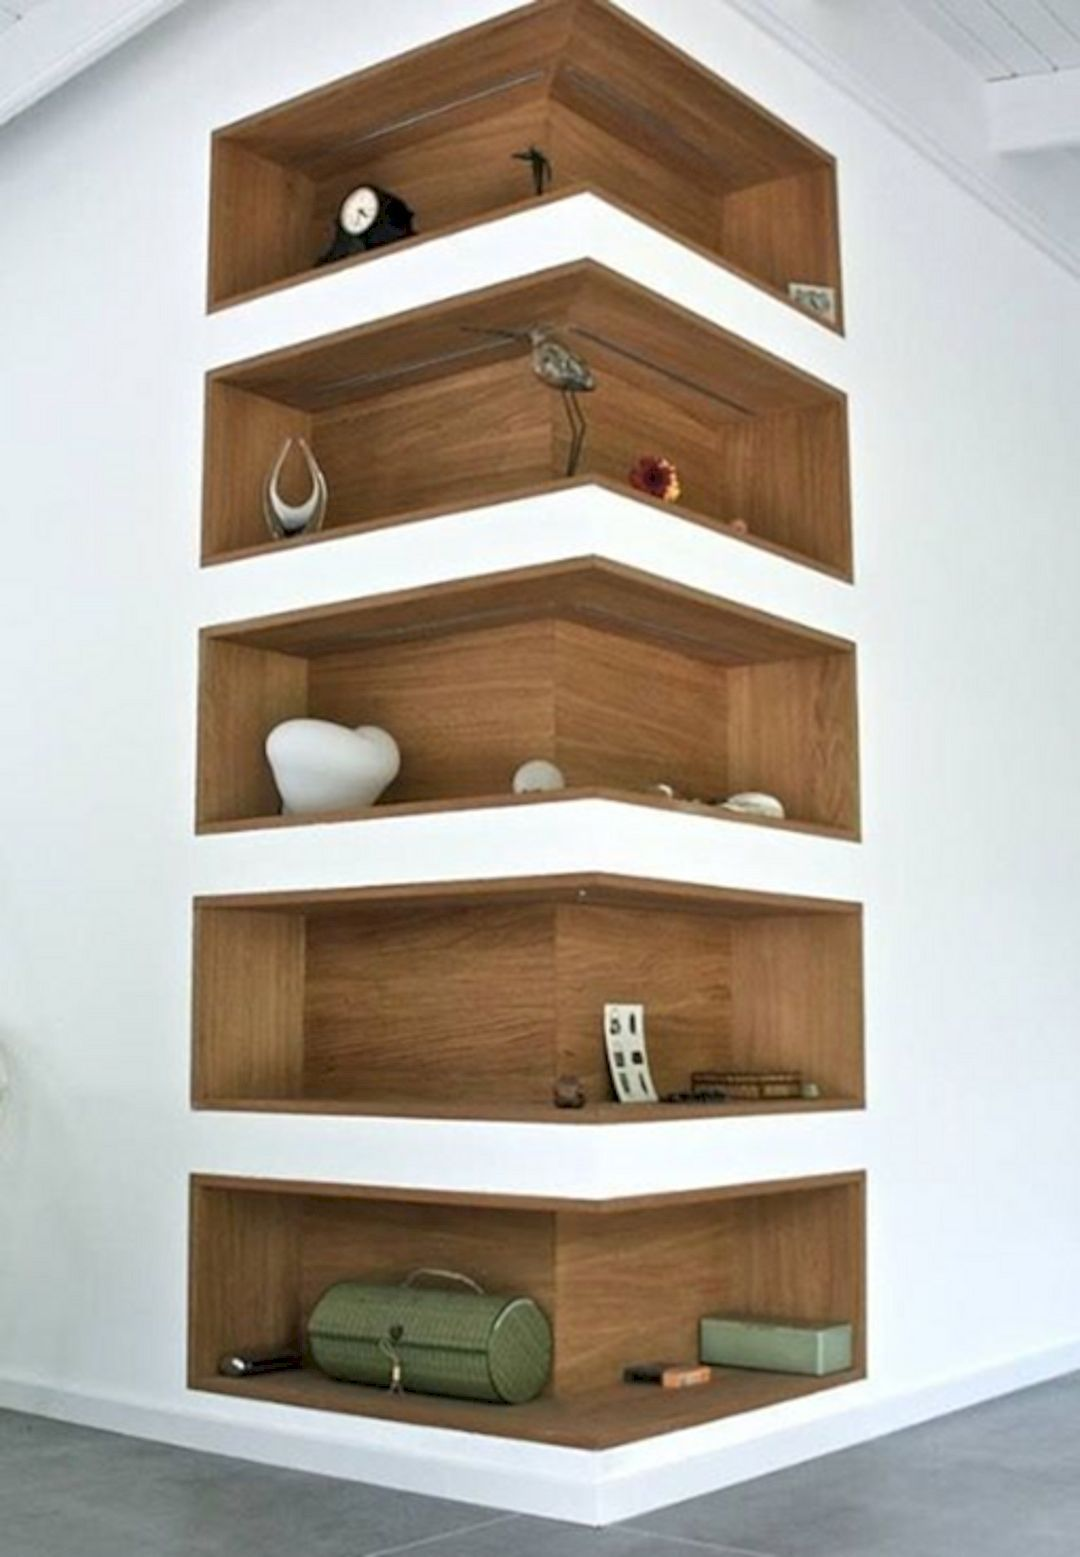 Wythe Corner House: Contemporary Interior of A Hou